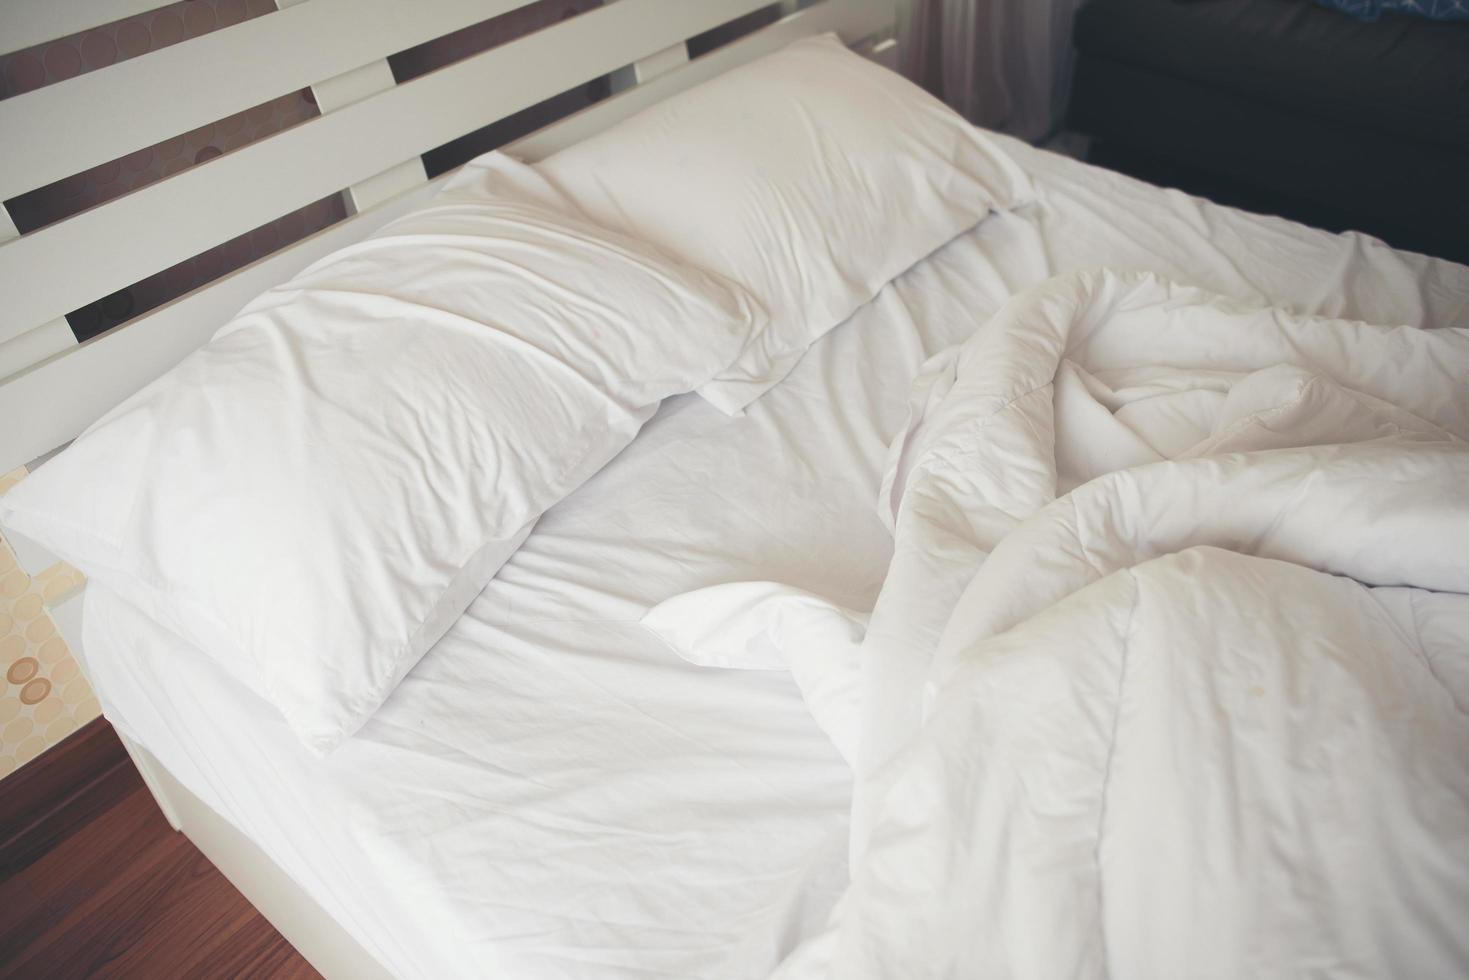 verfrommelde lakens in de slaapkamer foto